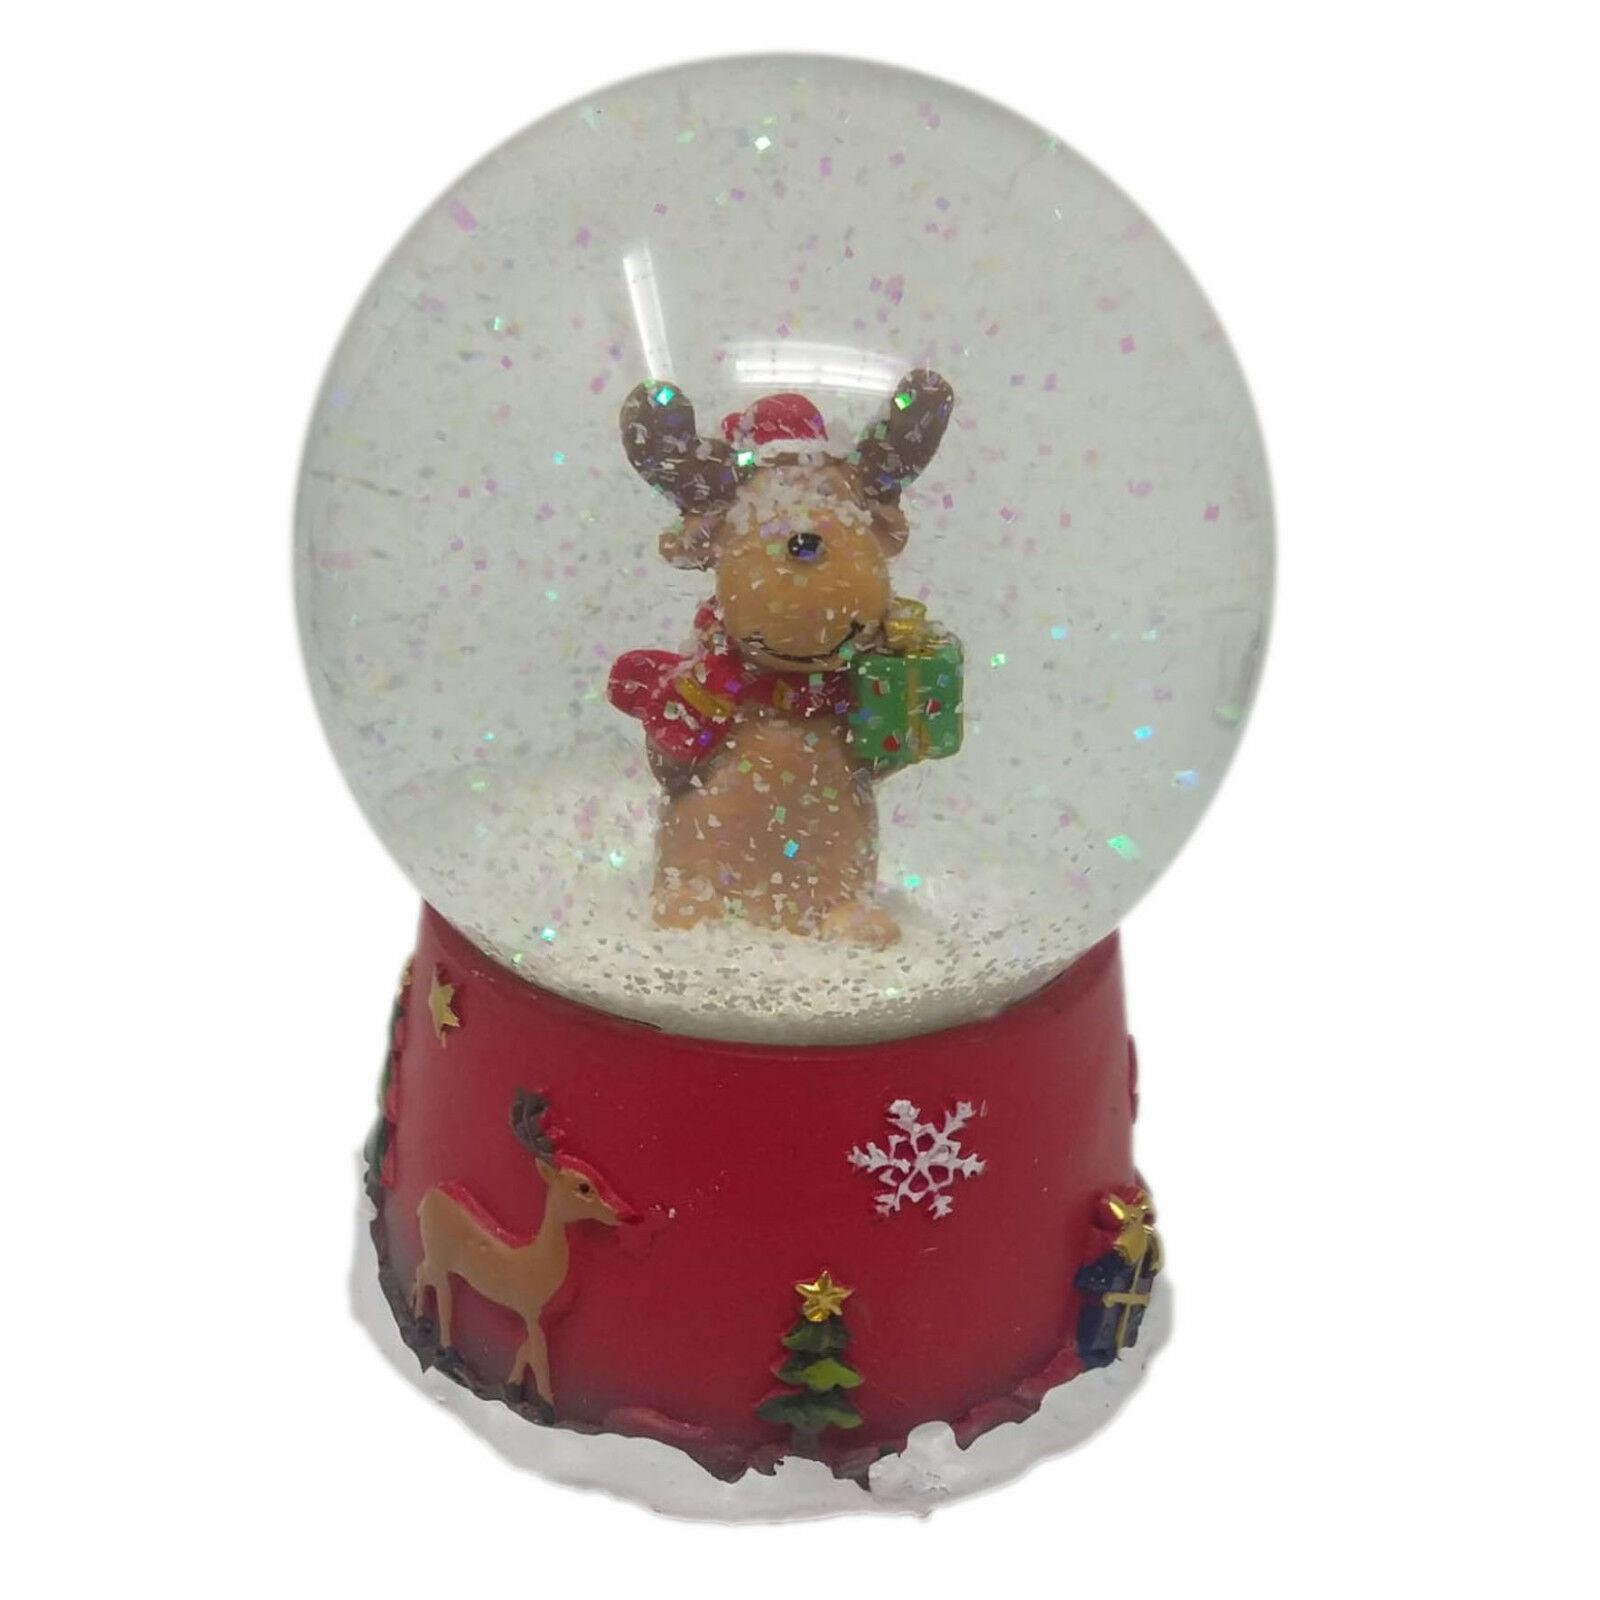 NATALE decorazione natalizia palla di vetro RENNA CARILLON EFFETTO NEVE IN MOVIM